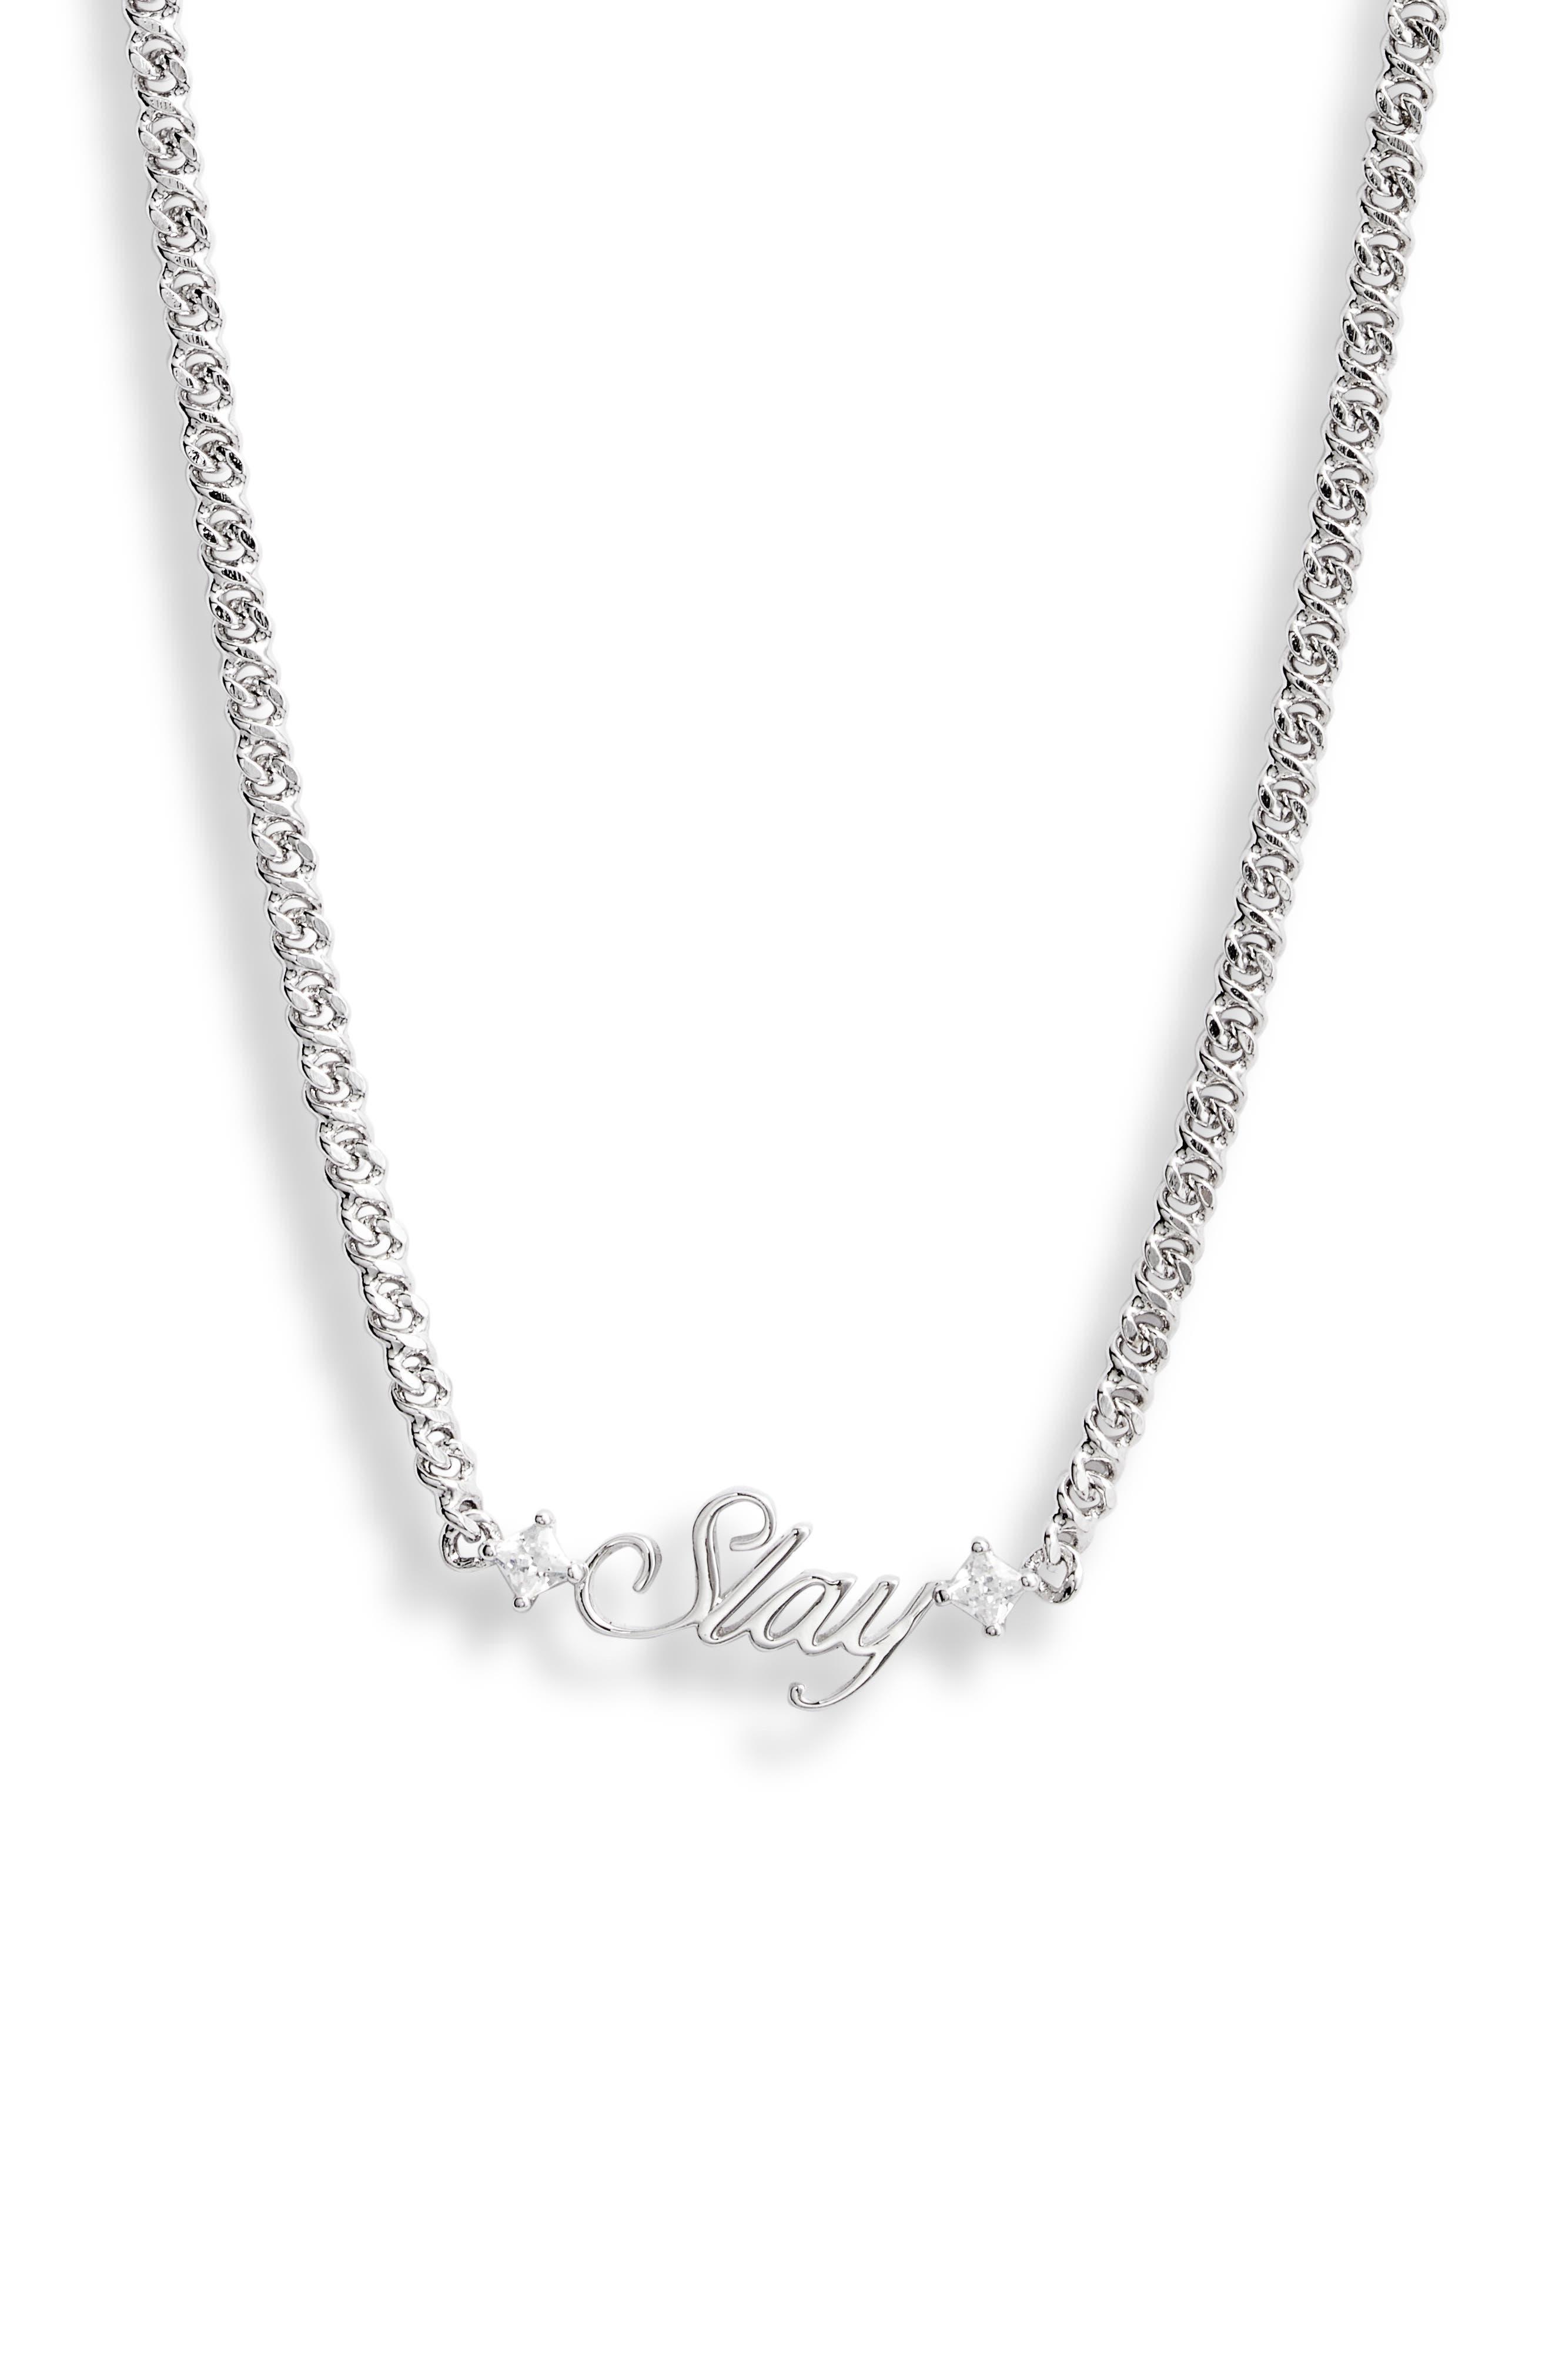 Slaybelles Slay Cubic Zirconia Necklace